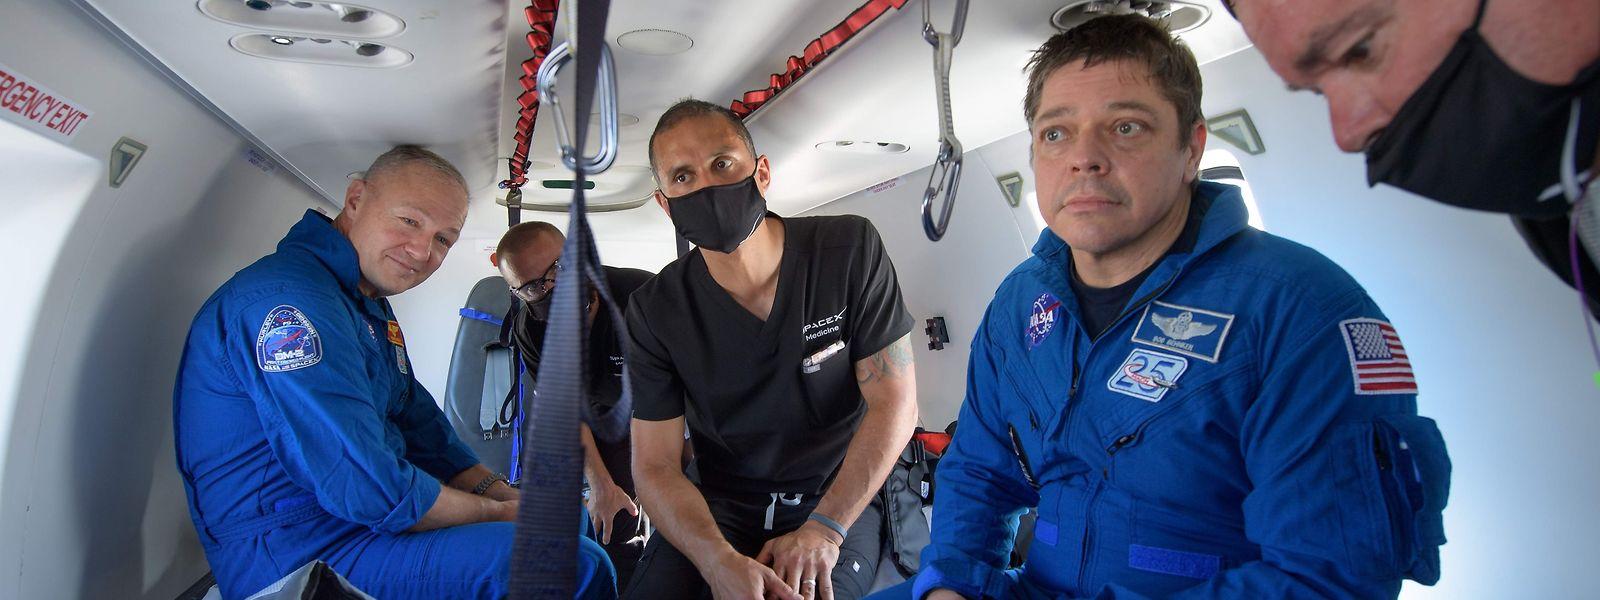 Die beiden Astronauten Bob Behnken (r.) und Doug Hurley nach der Landung im Golf von Mexiko in einem Hubschrauber.